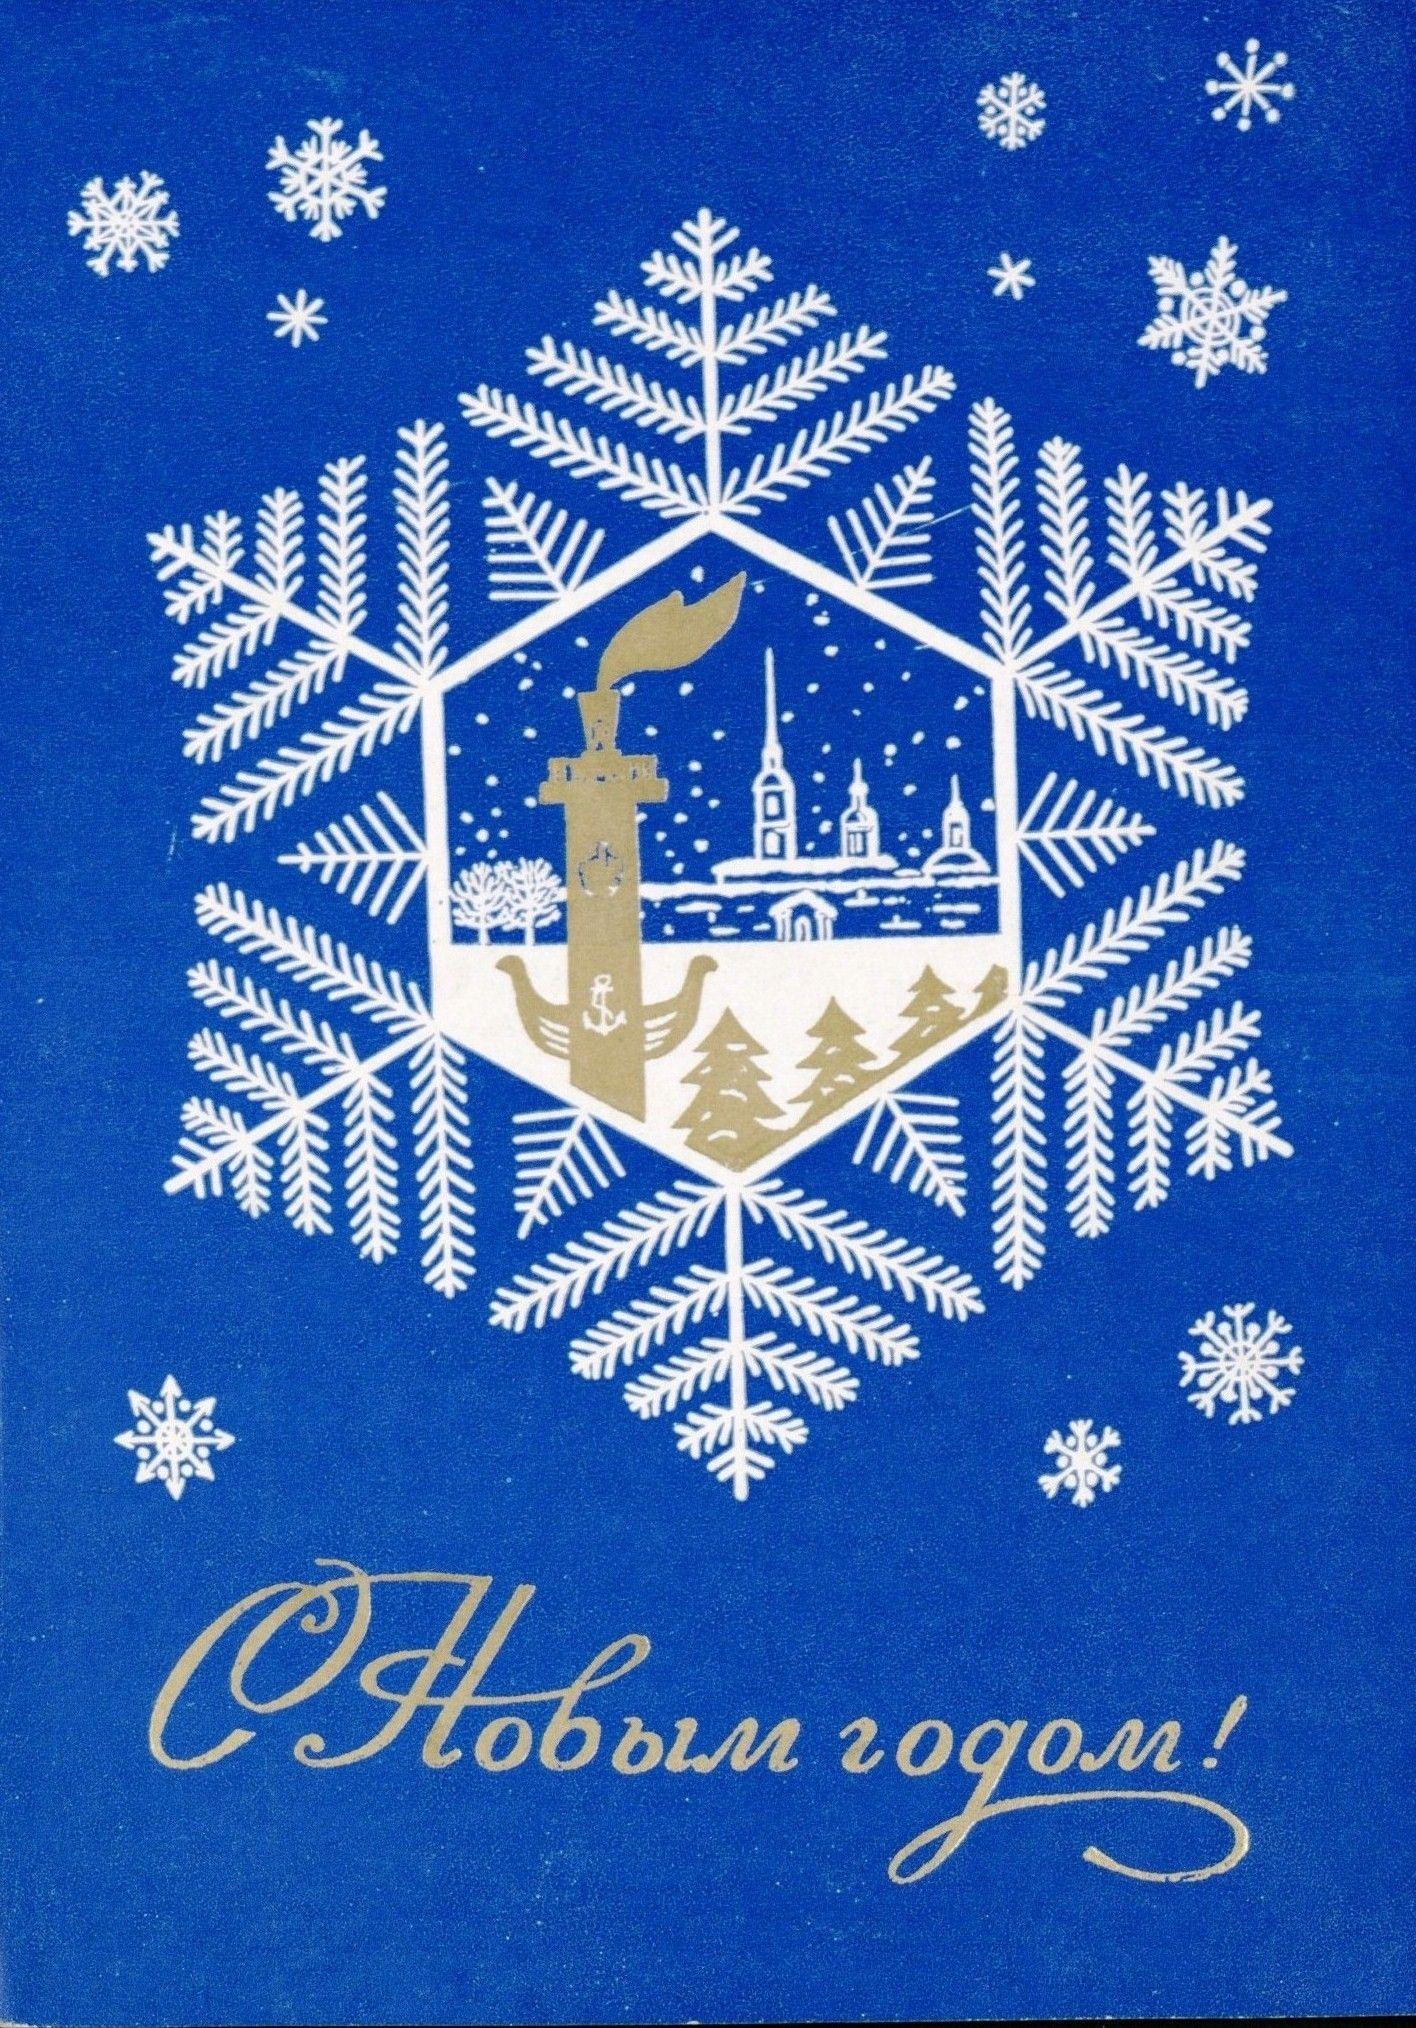 вкусного удмуртская открытка с новым годом трахает